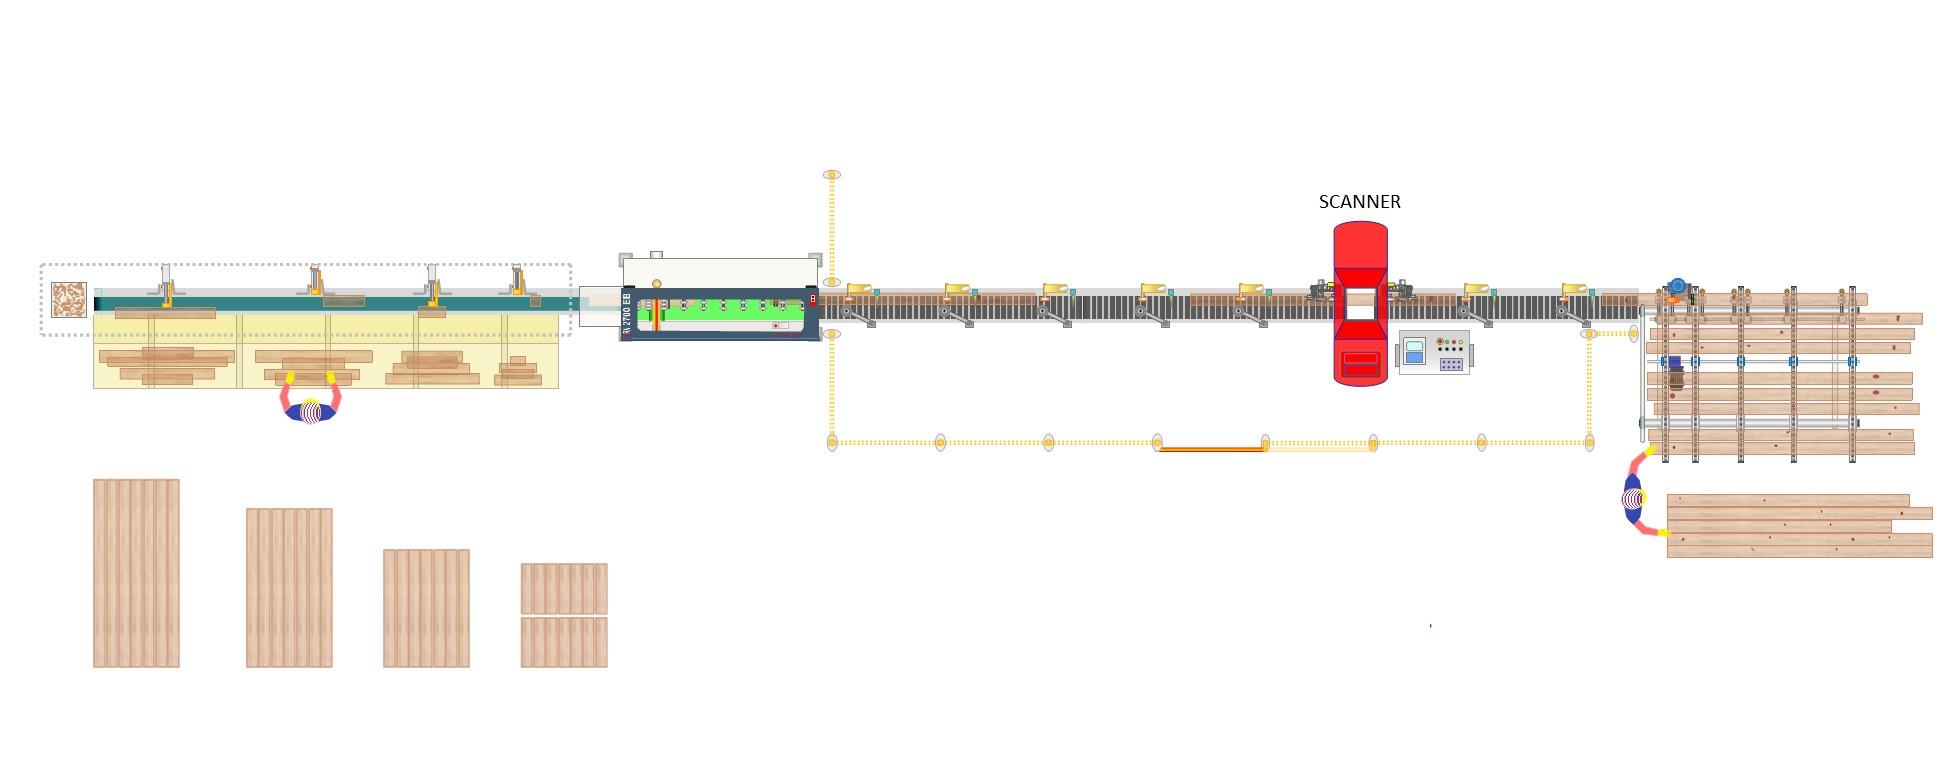 TRV 2700 - Concept 02